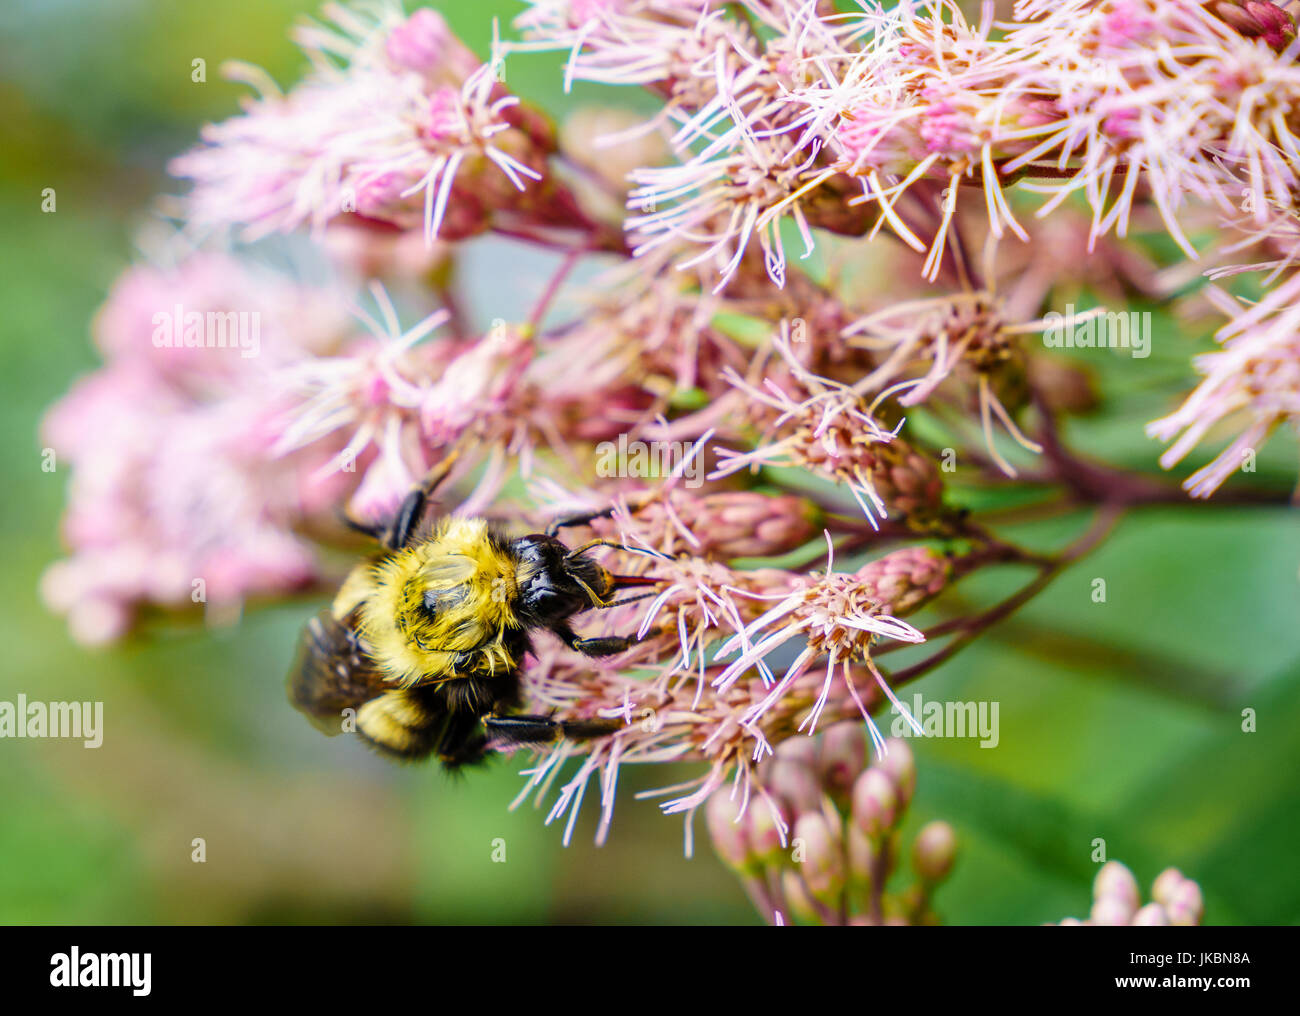 Close-up immagine di una alimentazione delle api sui fiori Immagini Stock